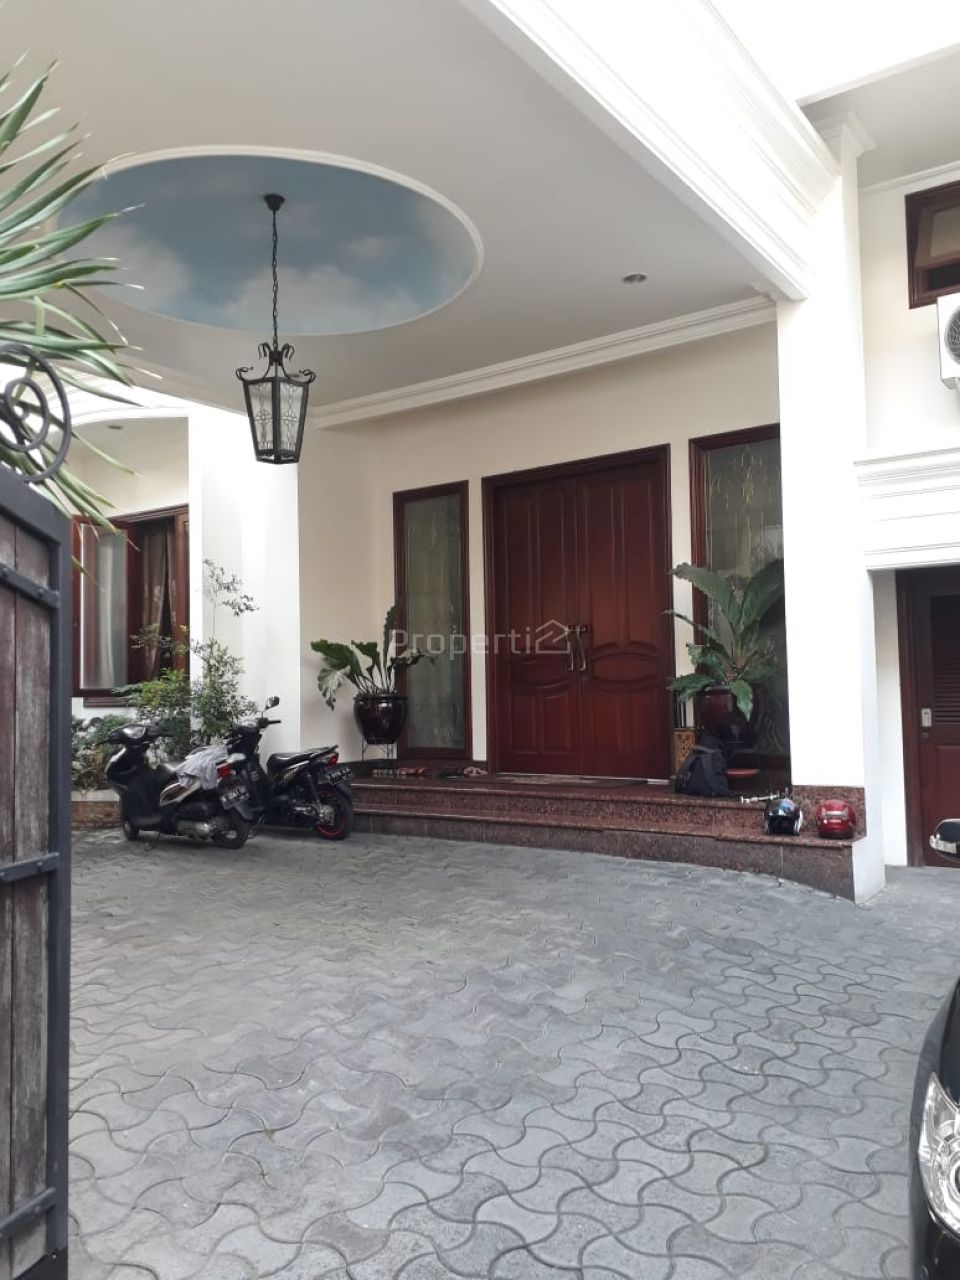 Rumah Mewah dengan Kolam Renang di Kawasan Senopati, DKI Jakarta